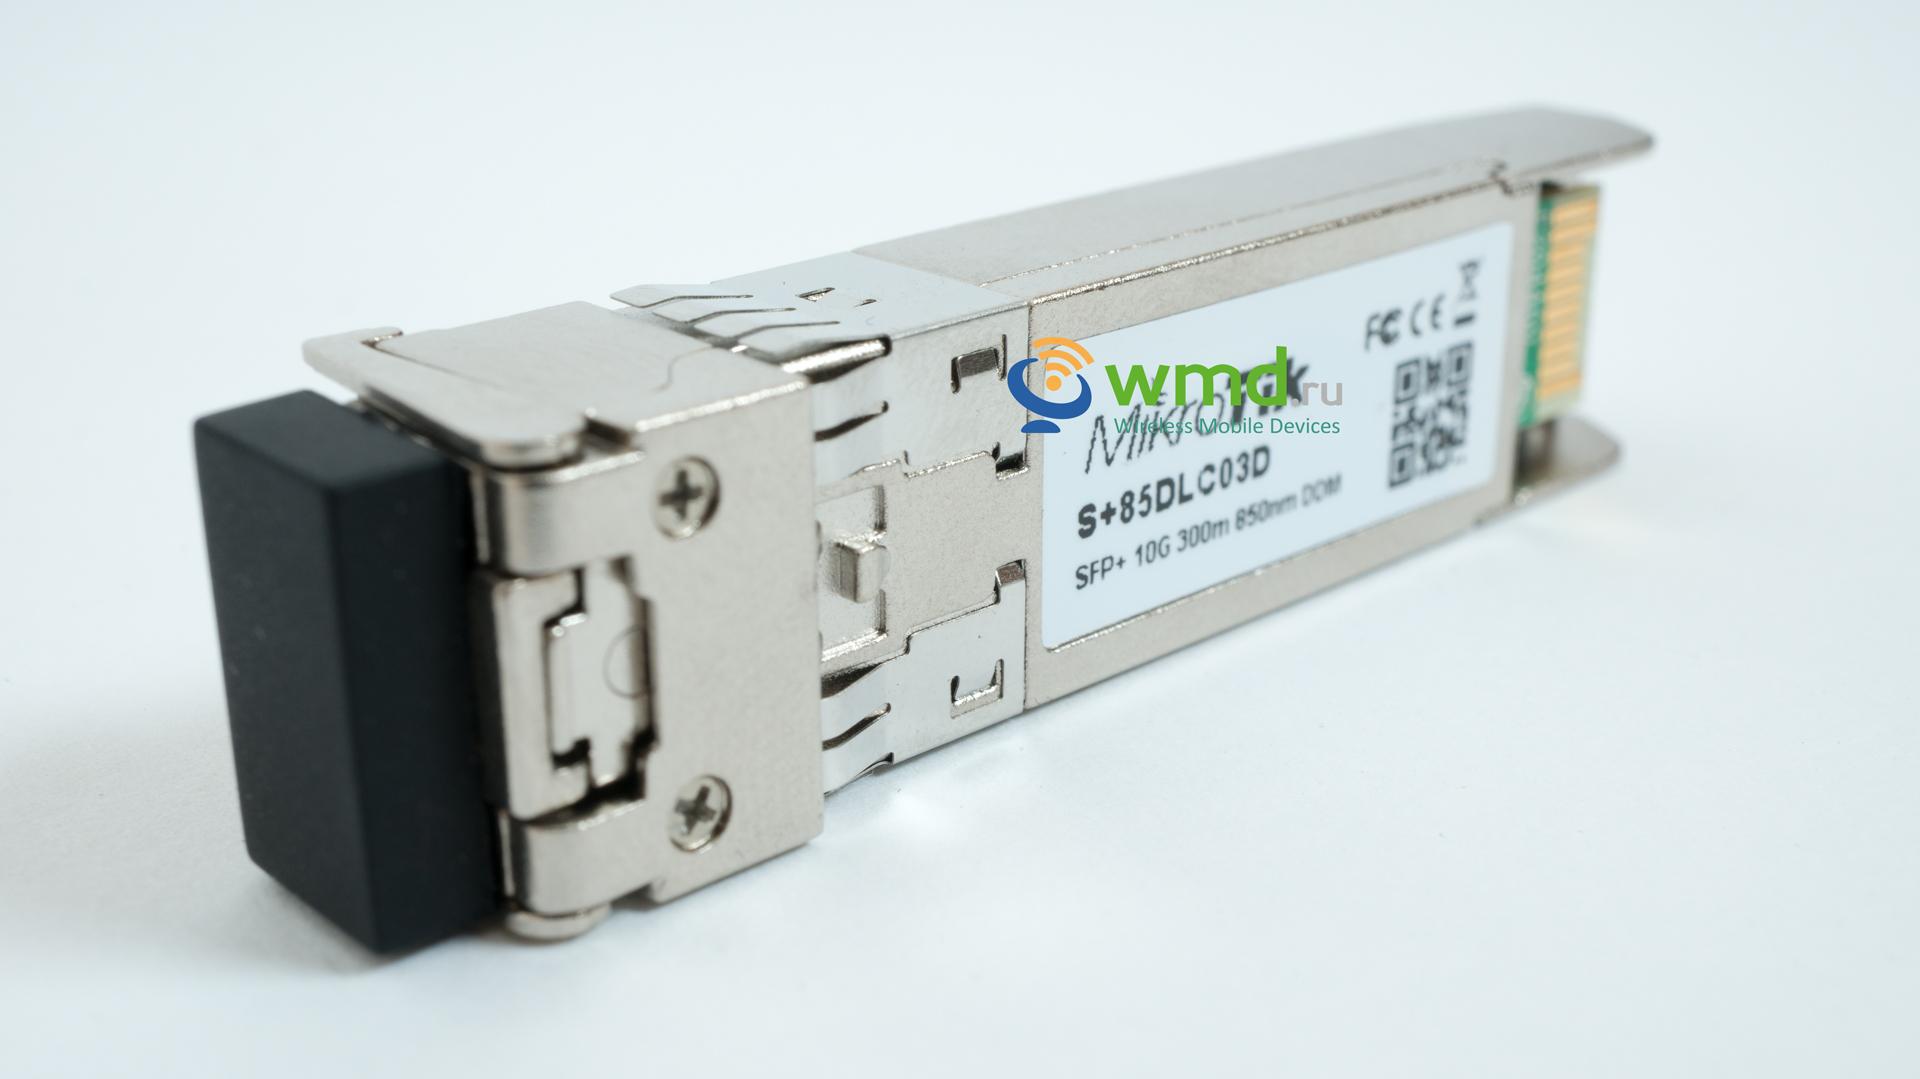 10G SR 300M Optical Transceiver module Compatible MikroTik S+85DLC03D SFP